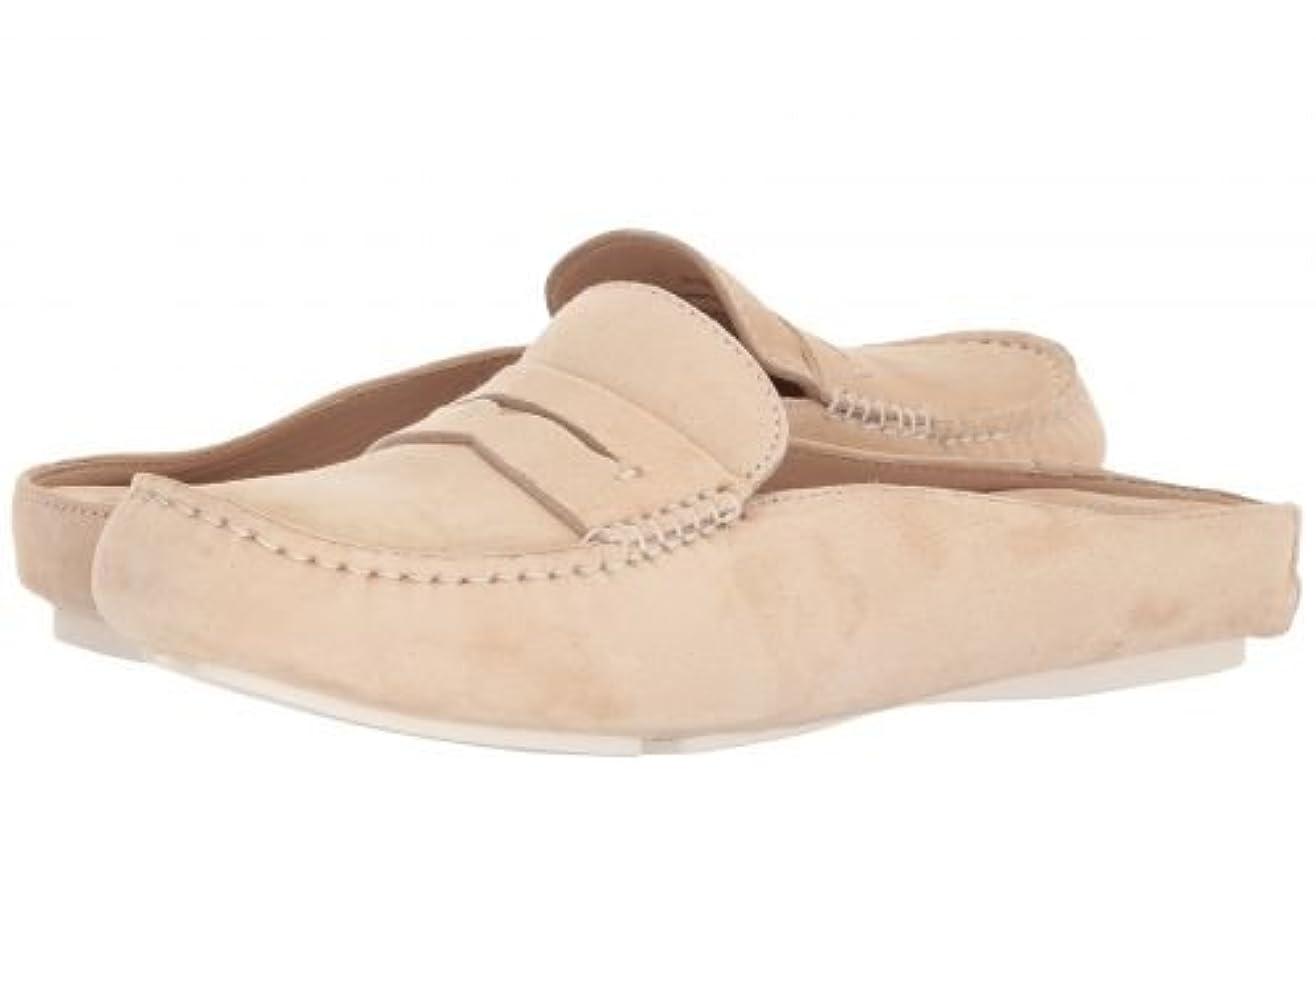 リーチ許さない考古学者Johnston & Murphy(ジョーンストンアンドマーフィー) レディース 女性用 シューズ 靴 ローファー ボートシューズ Myah - Beige Kid Suede [並行輸入品]